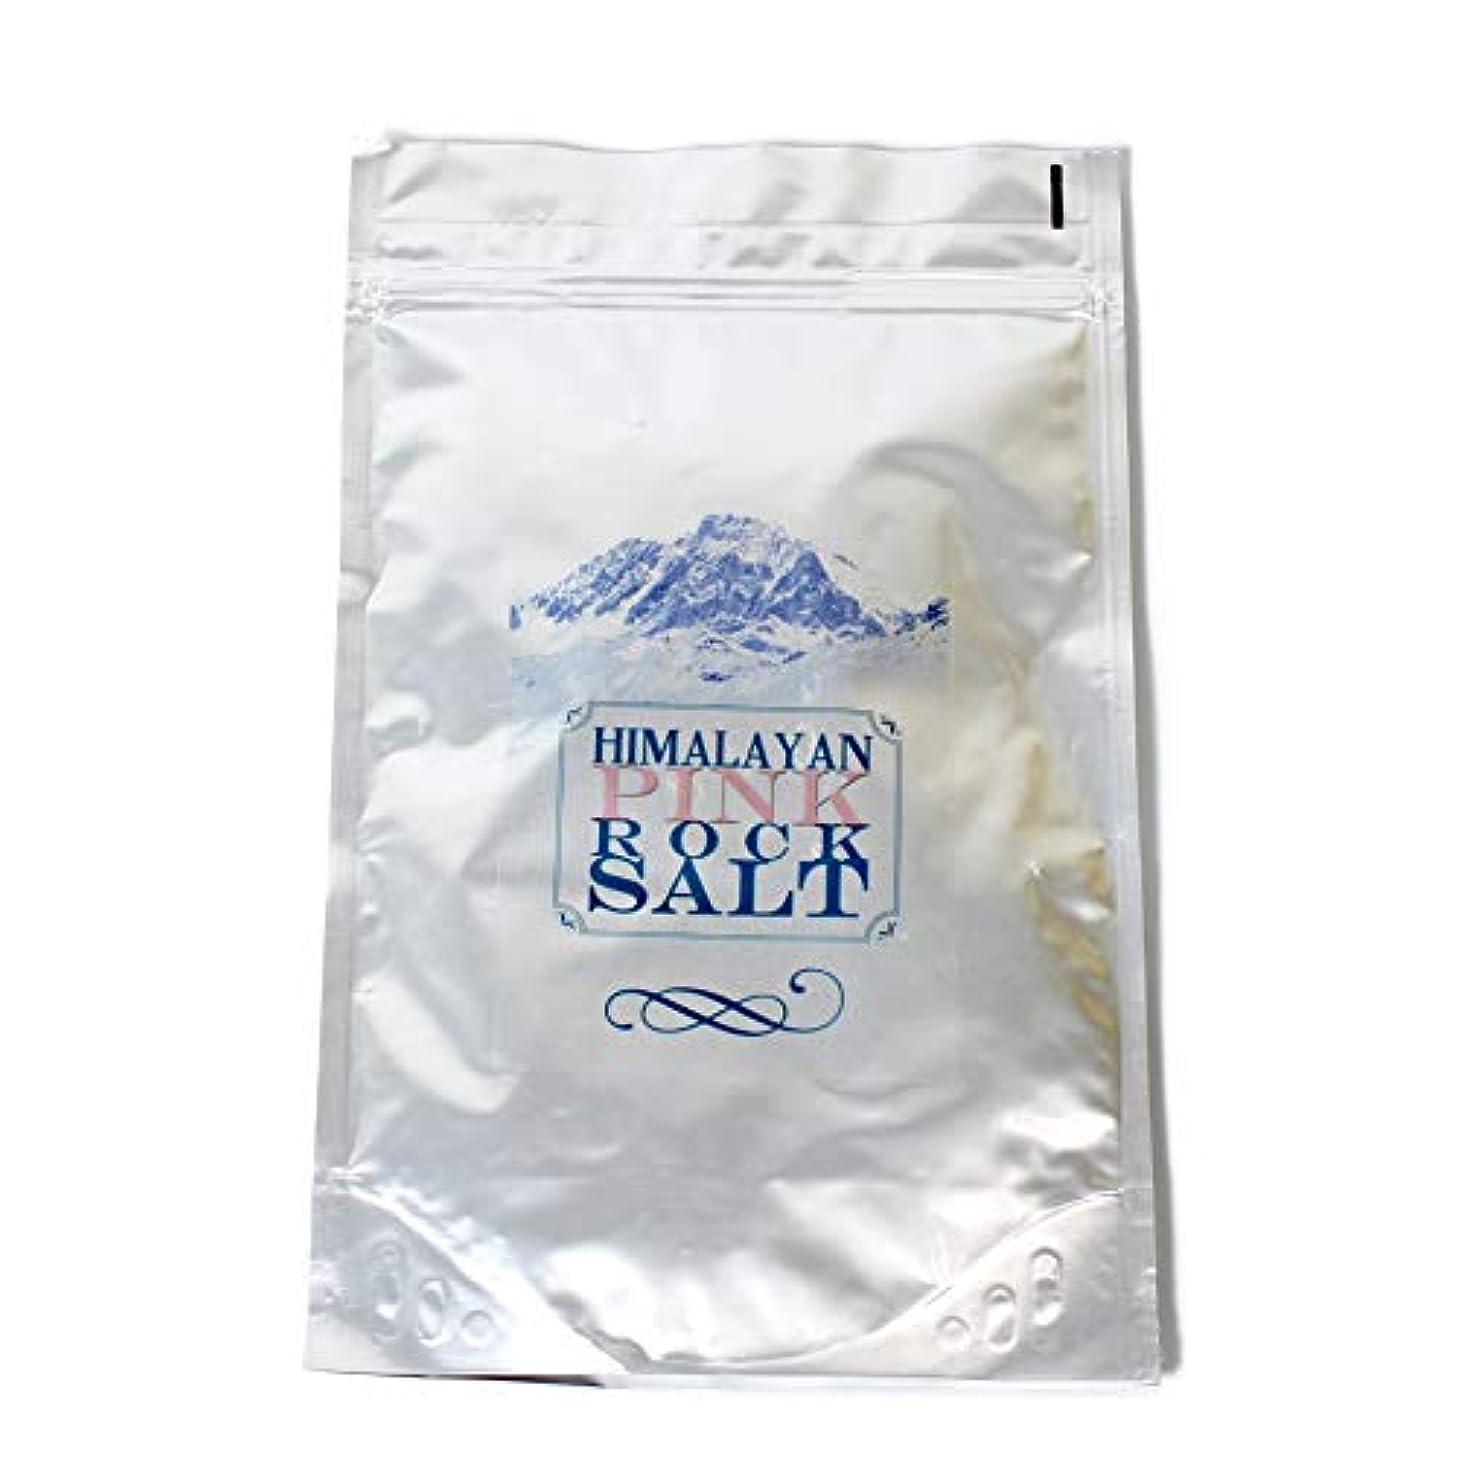 アフリカ人モトリーロック解除Himalayan Pink Rock Salt - 1Kg